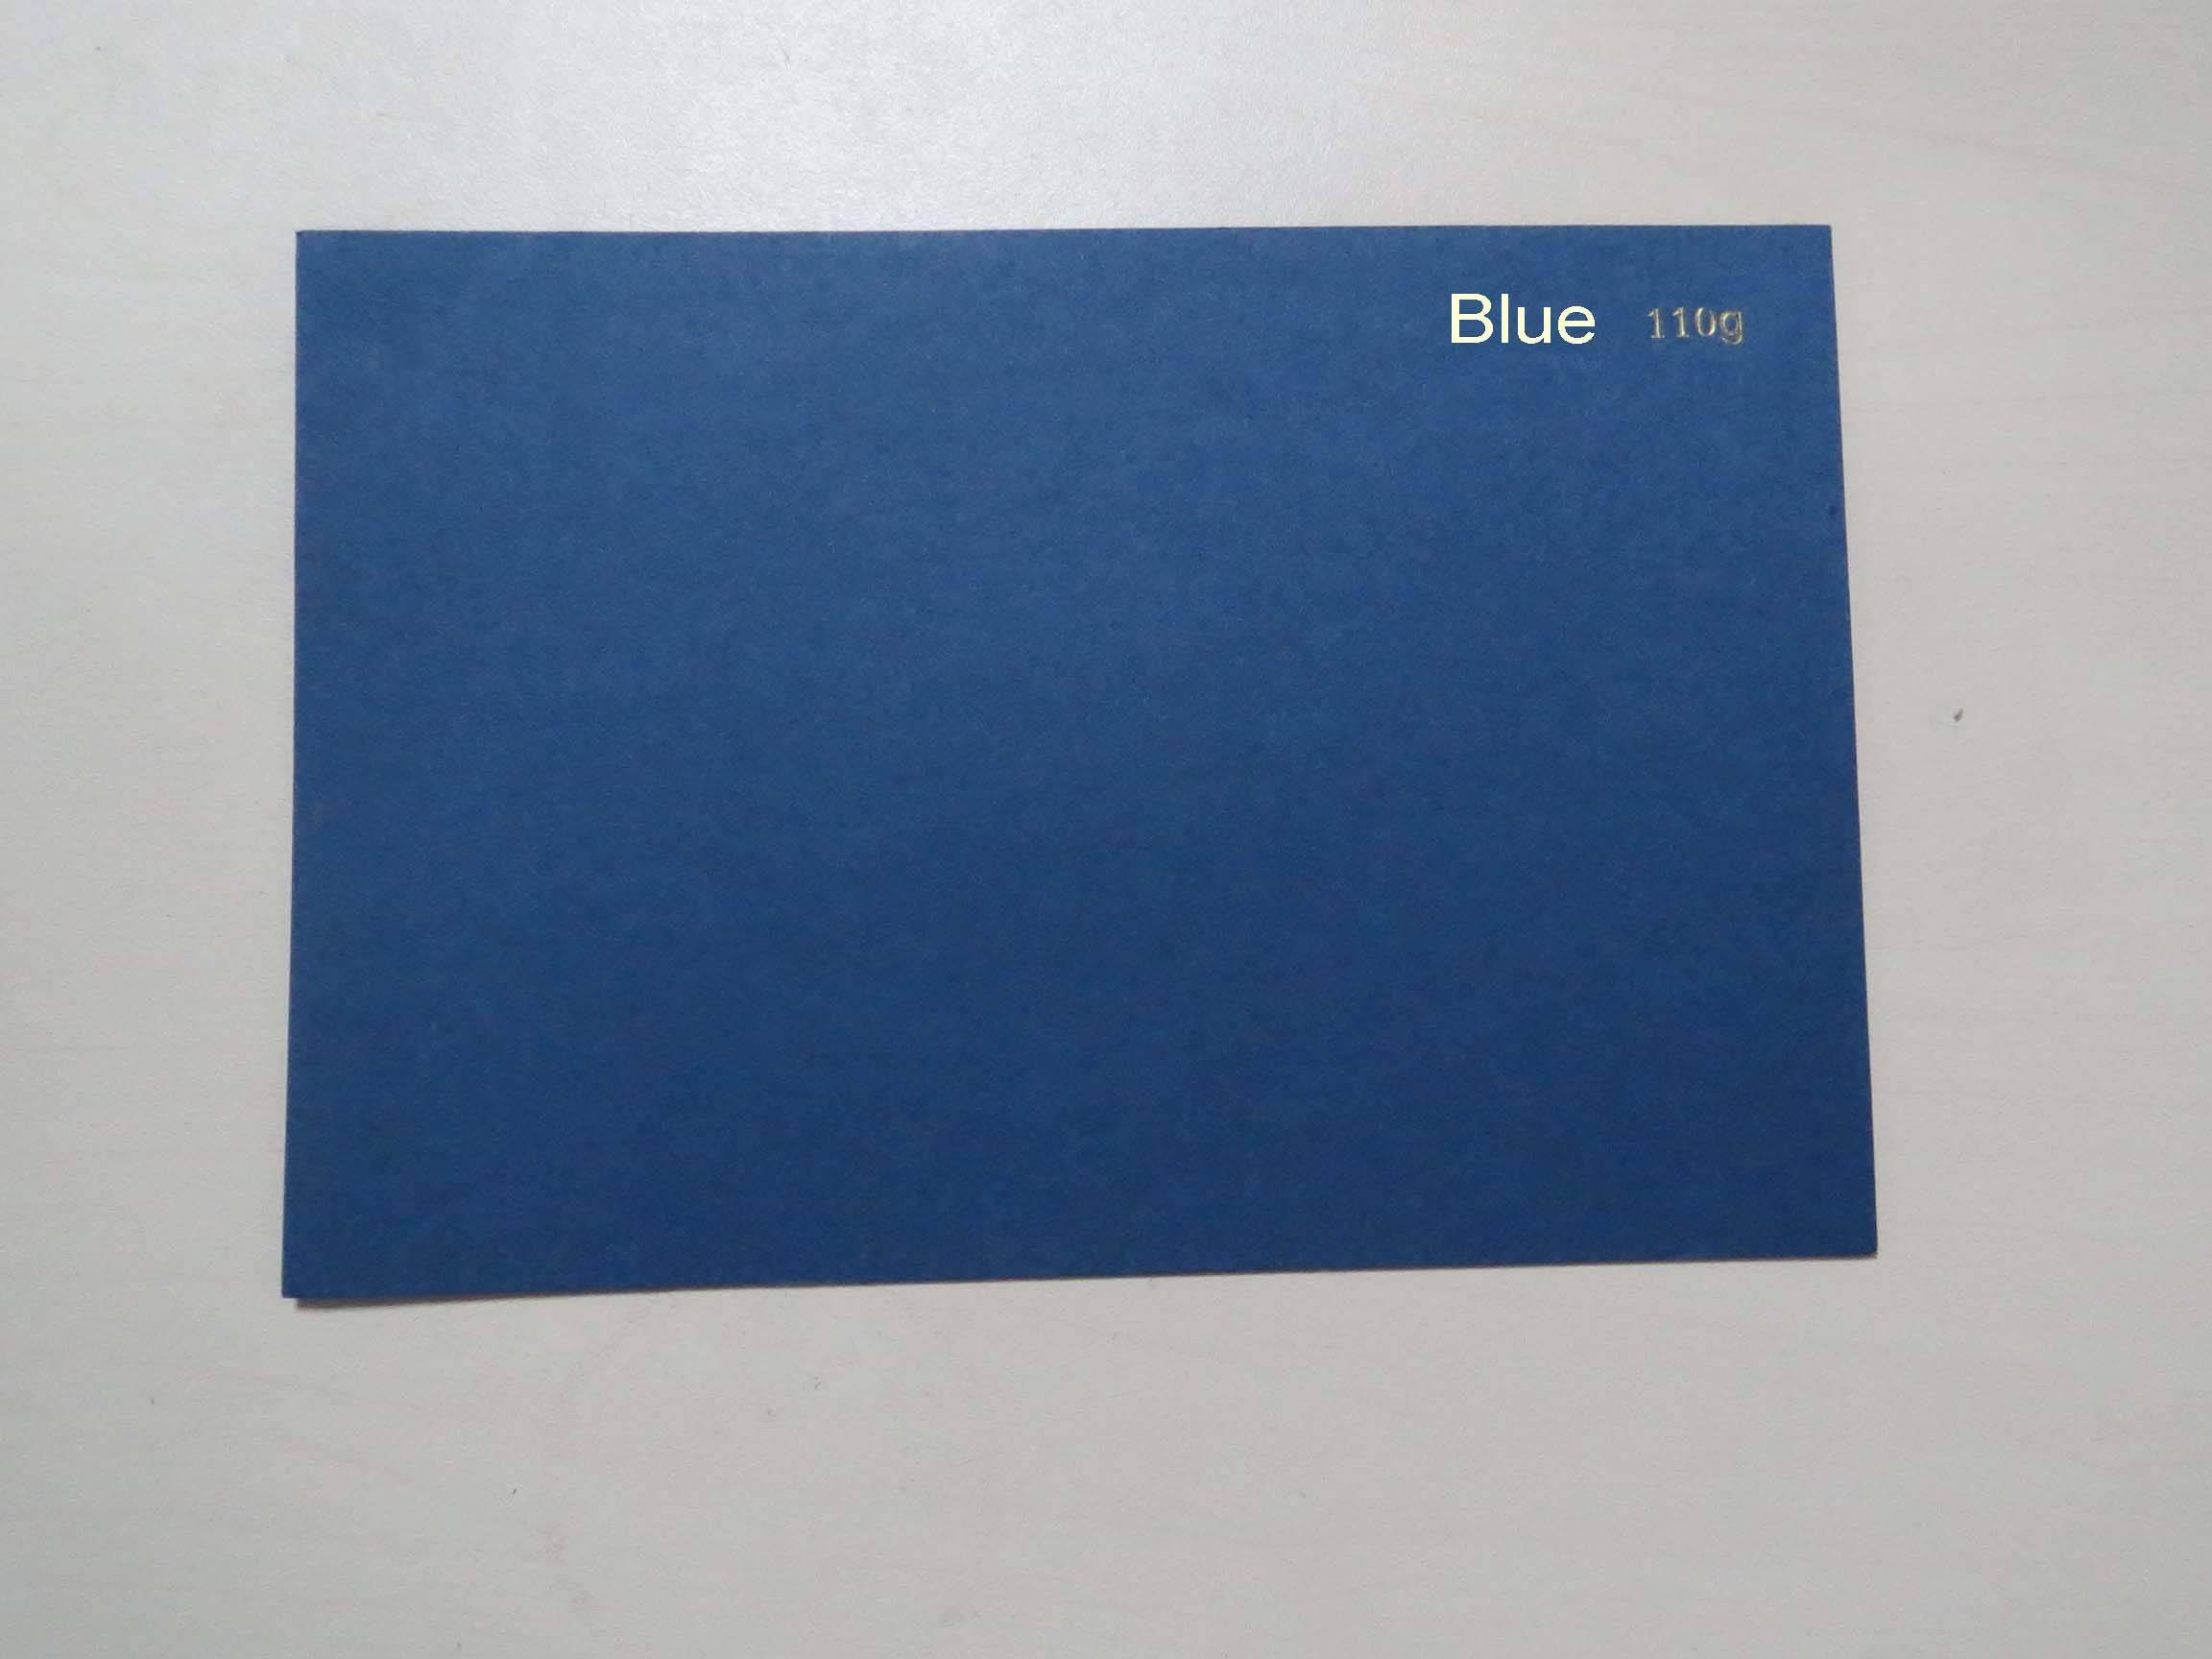 110g-280g Blue Cardboard, Blue Paperboard, Color Paper